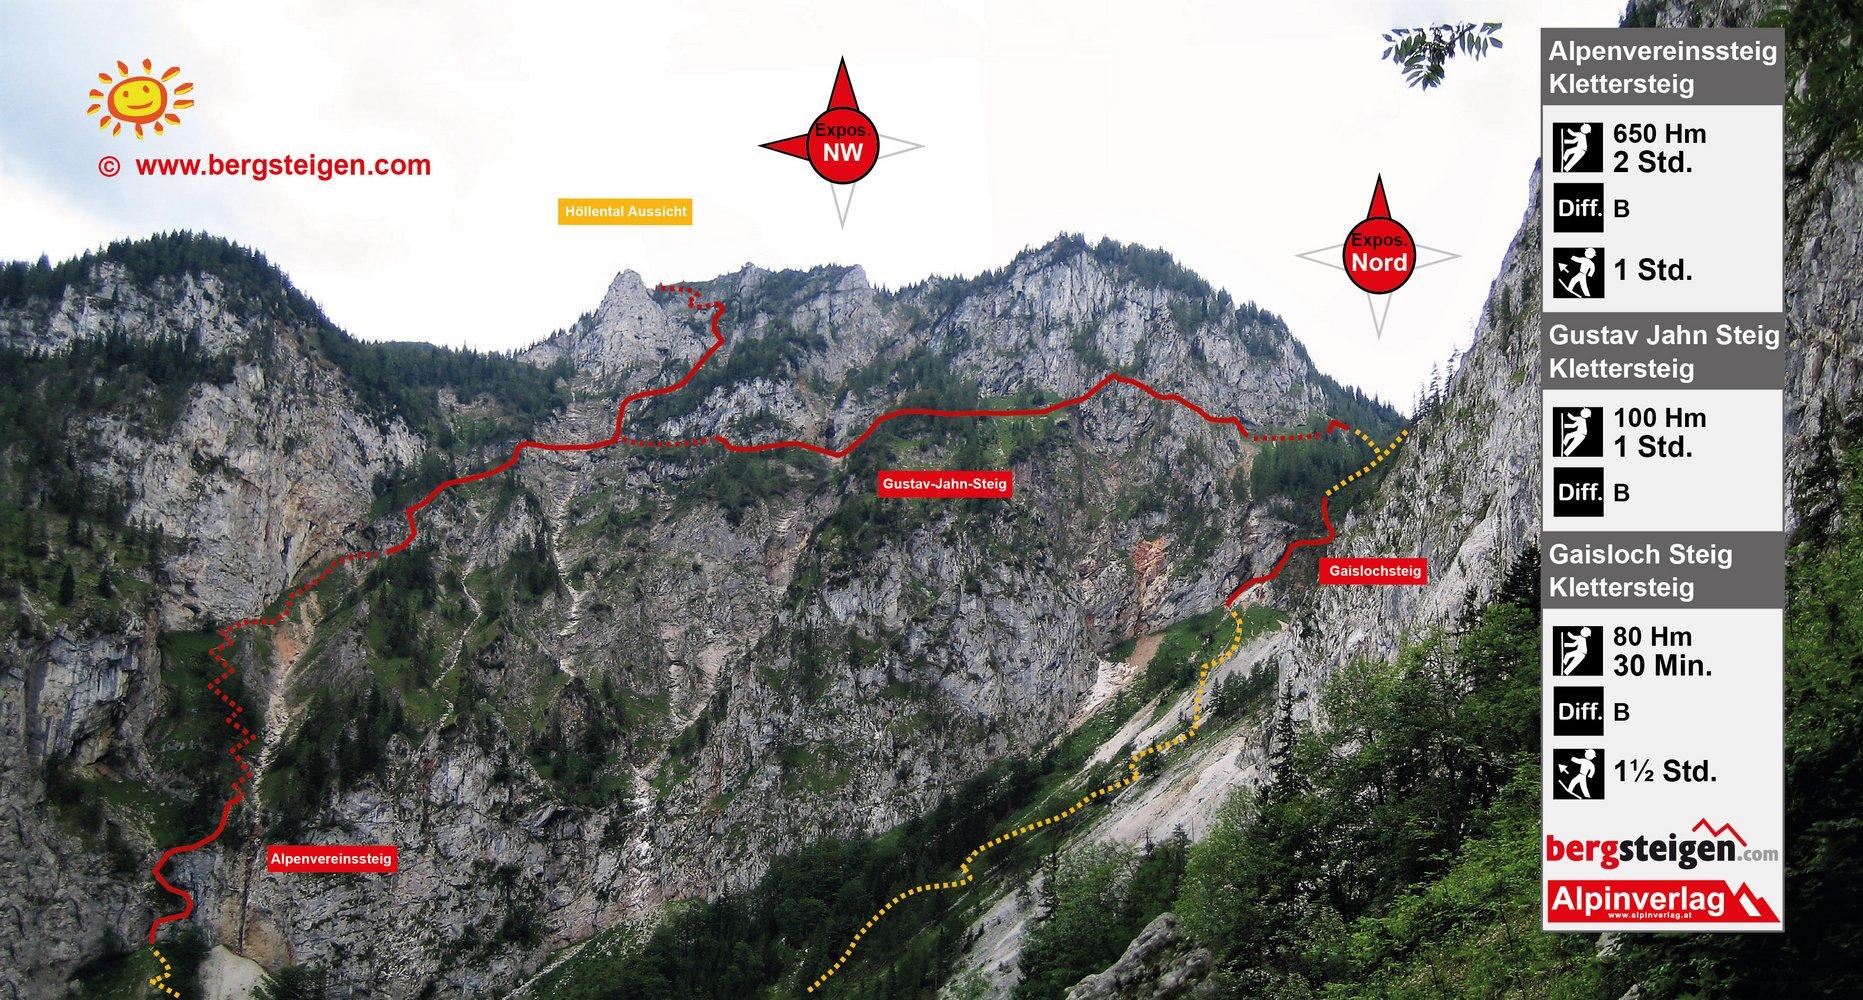 Klettersteig Rax : Klettersteig runde großes höllental rax bergsteigen